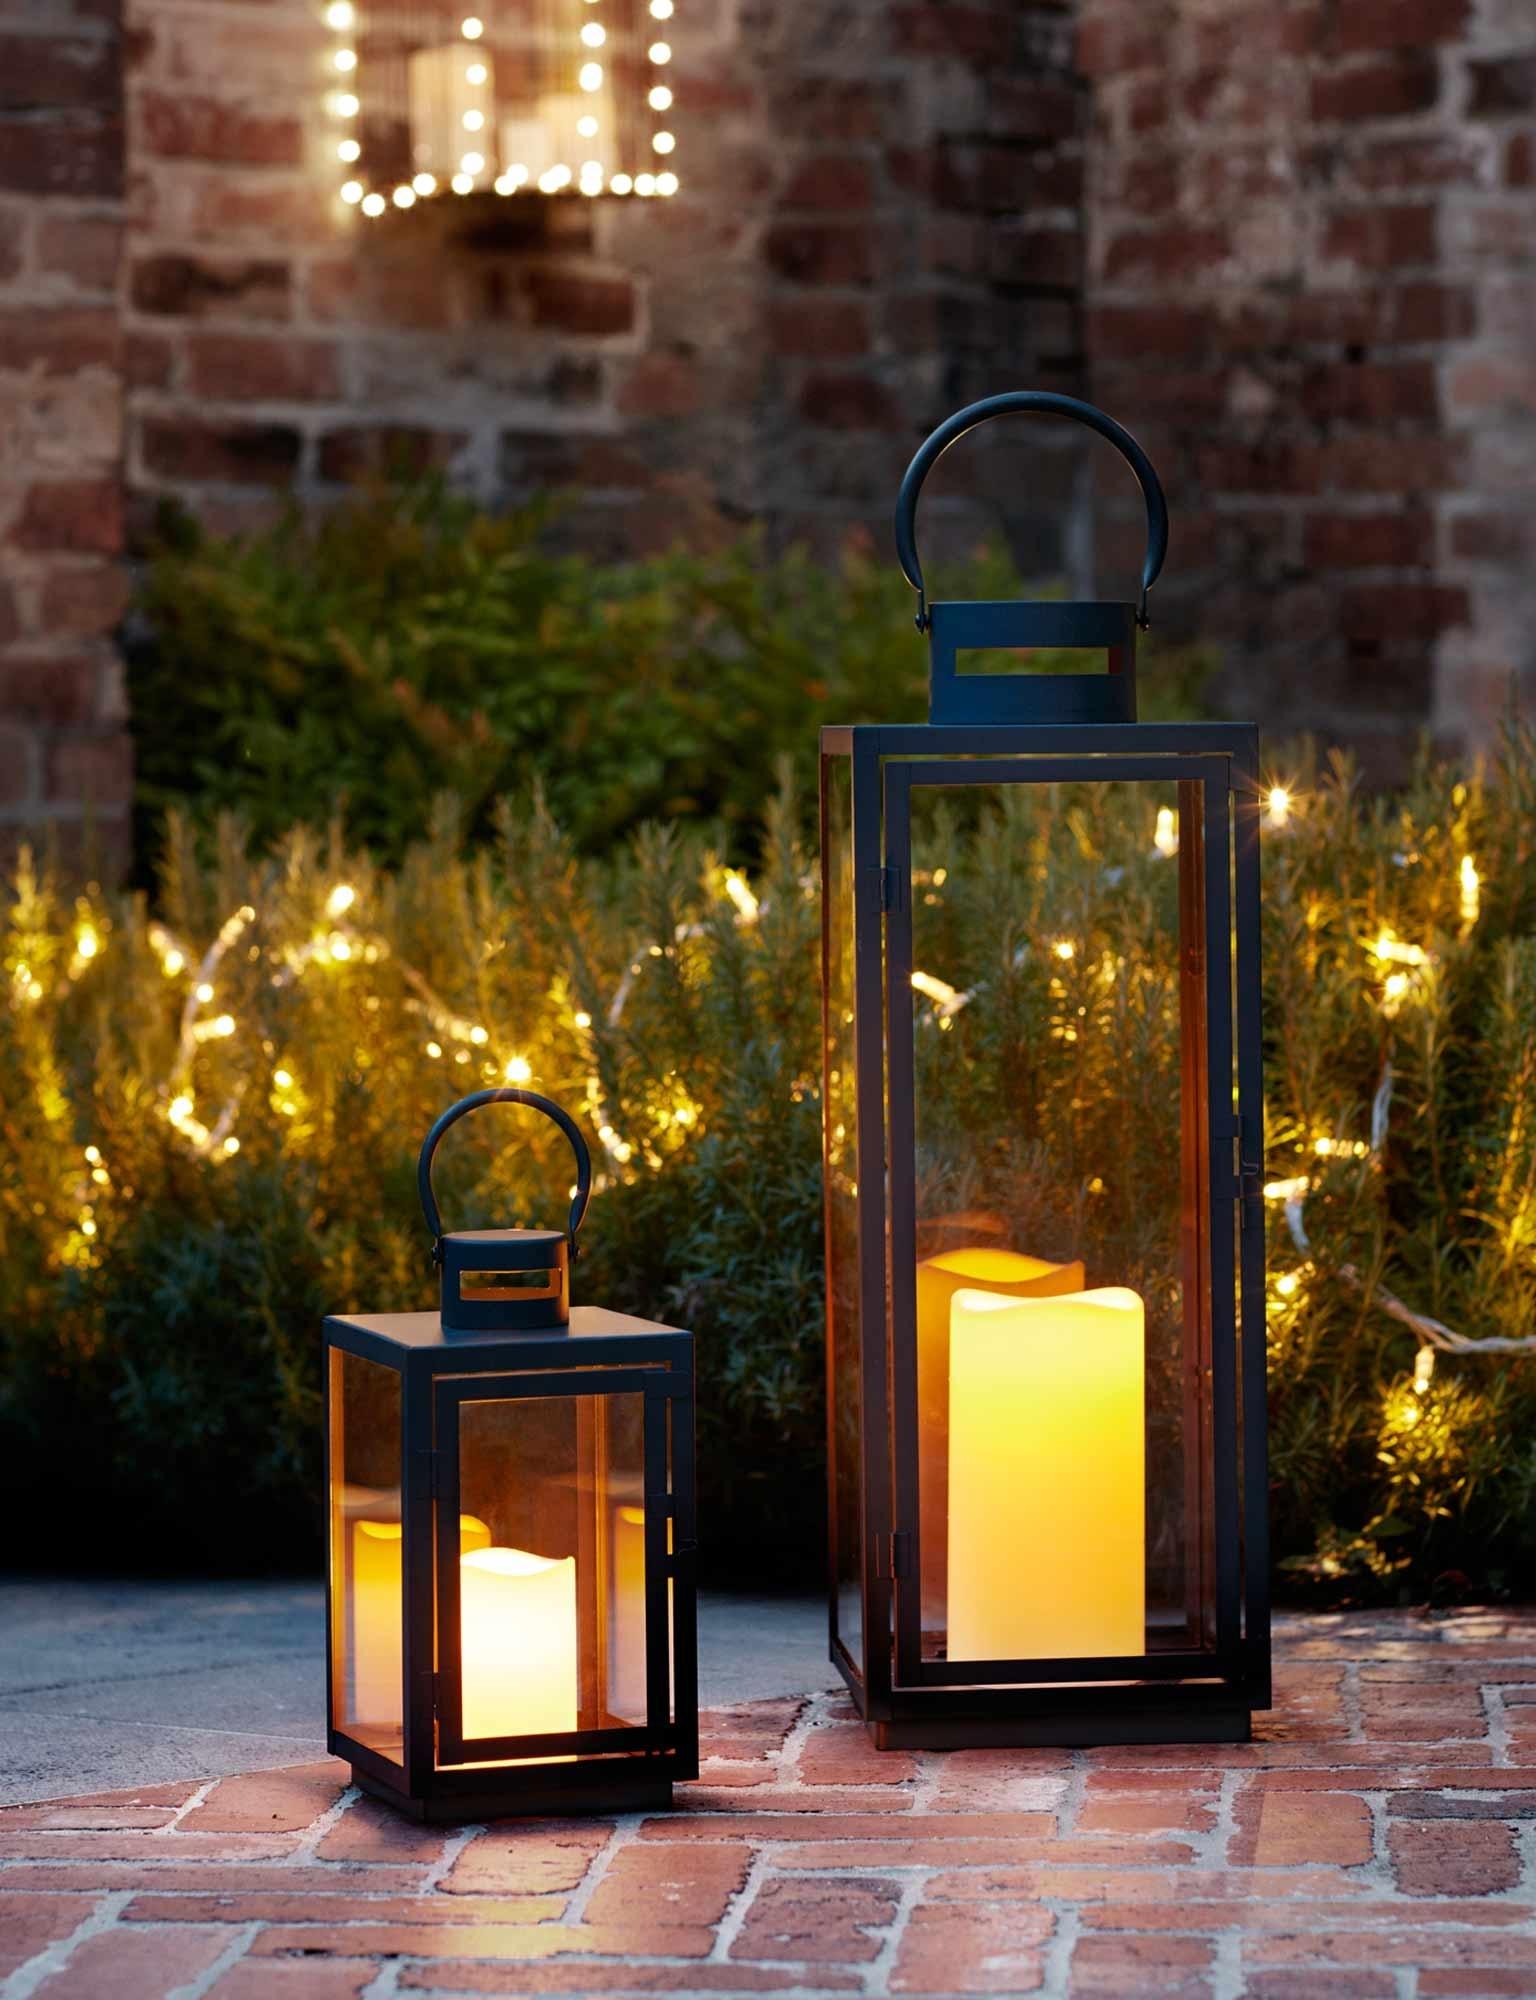 Popular Photo of Italian Outdoor Lanterns